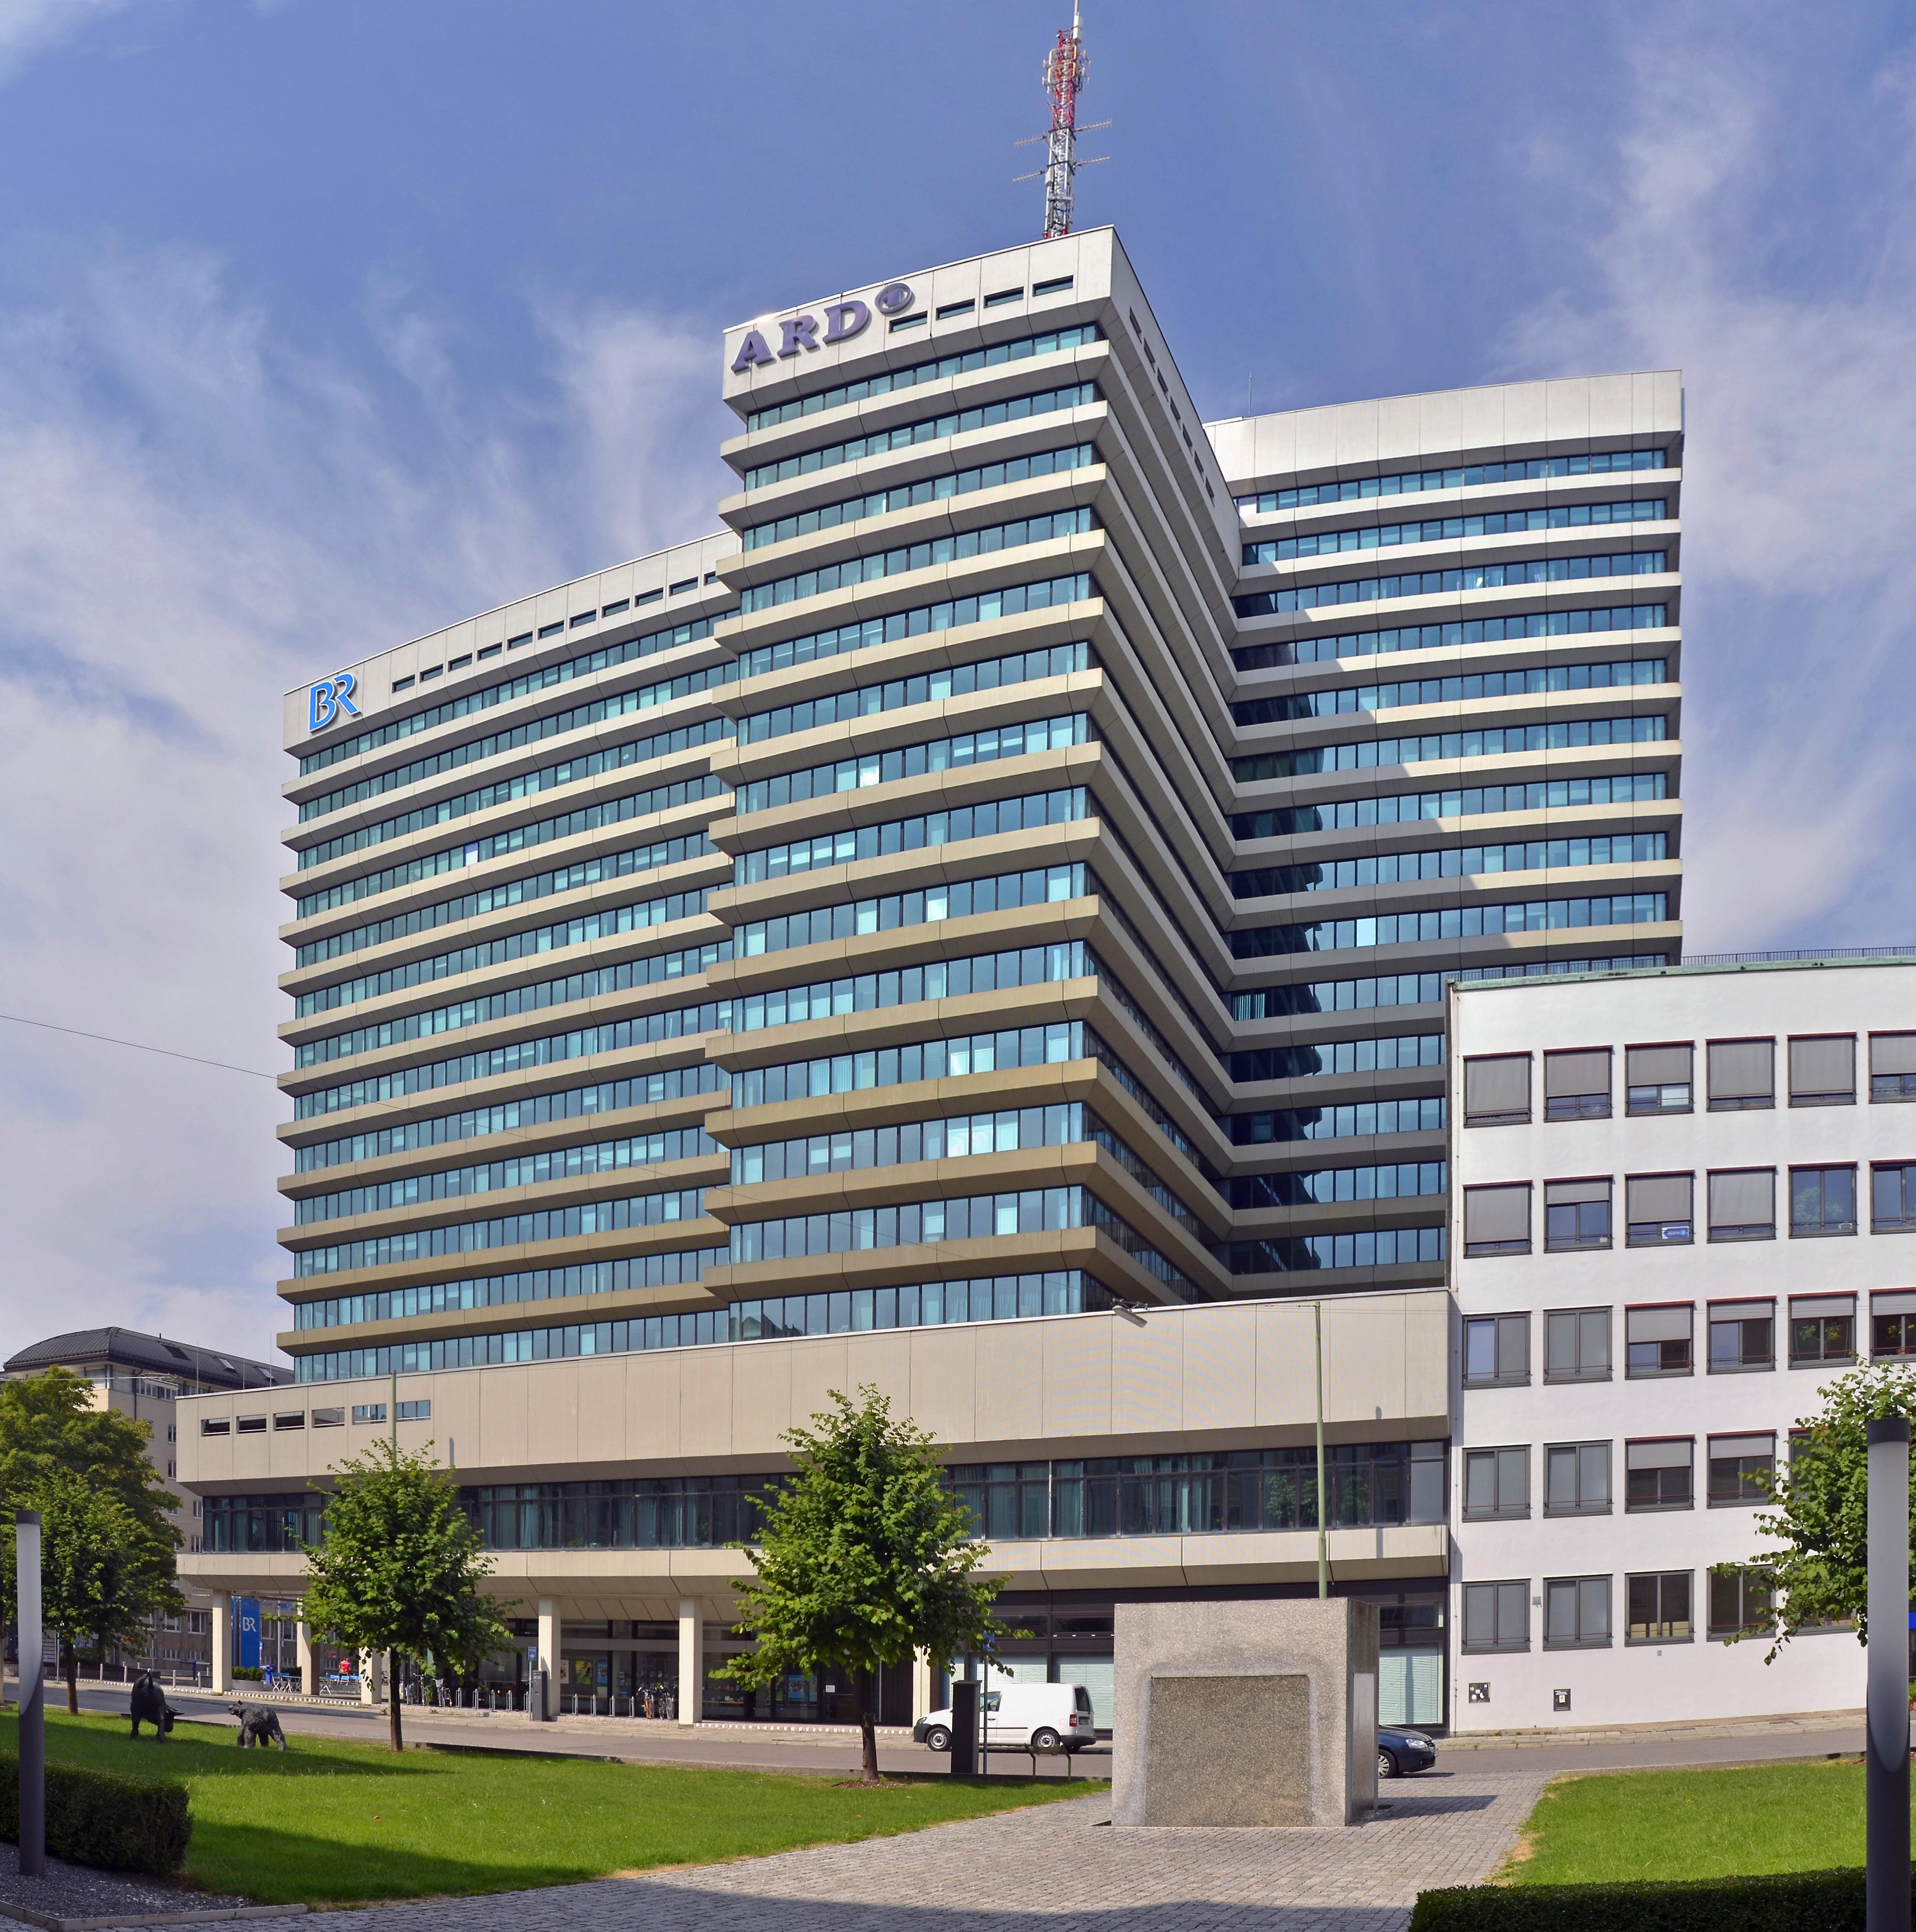 BR's headquarters in Munich